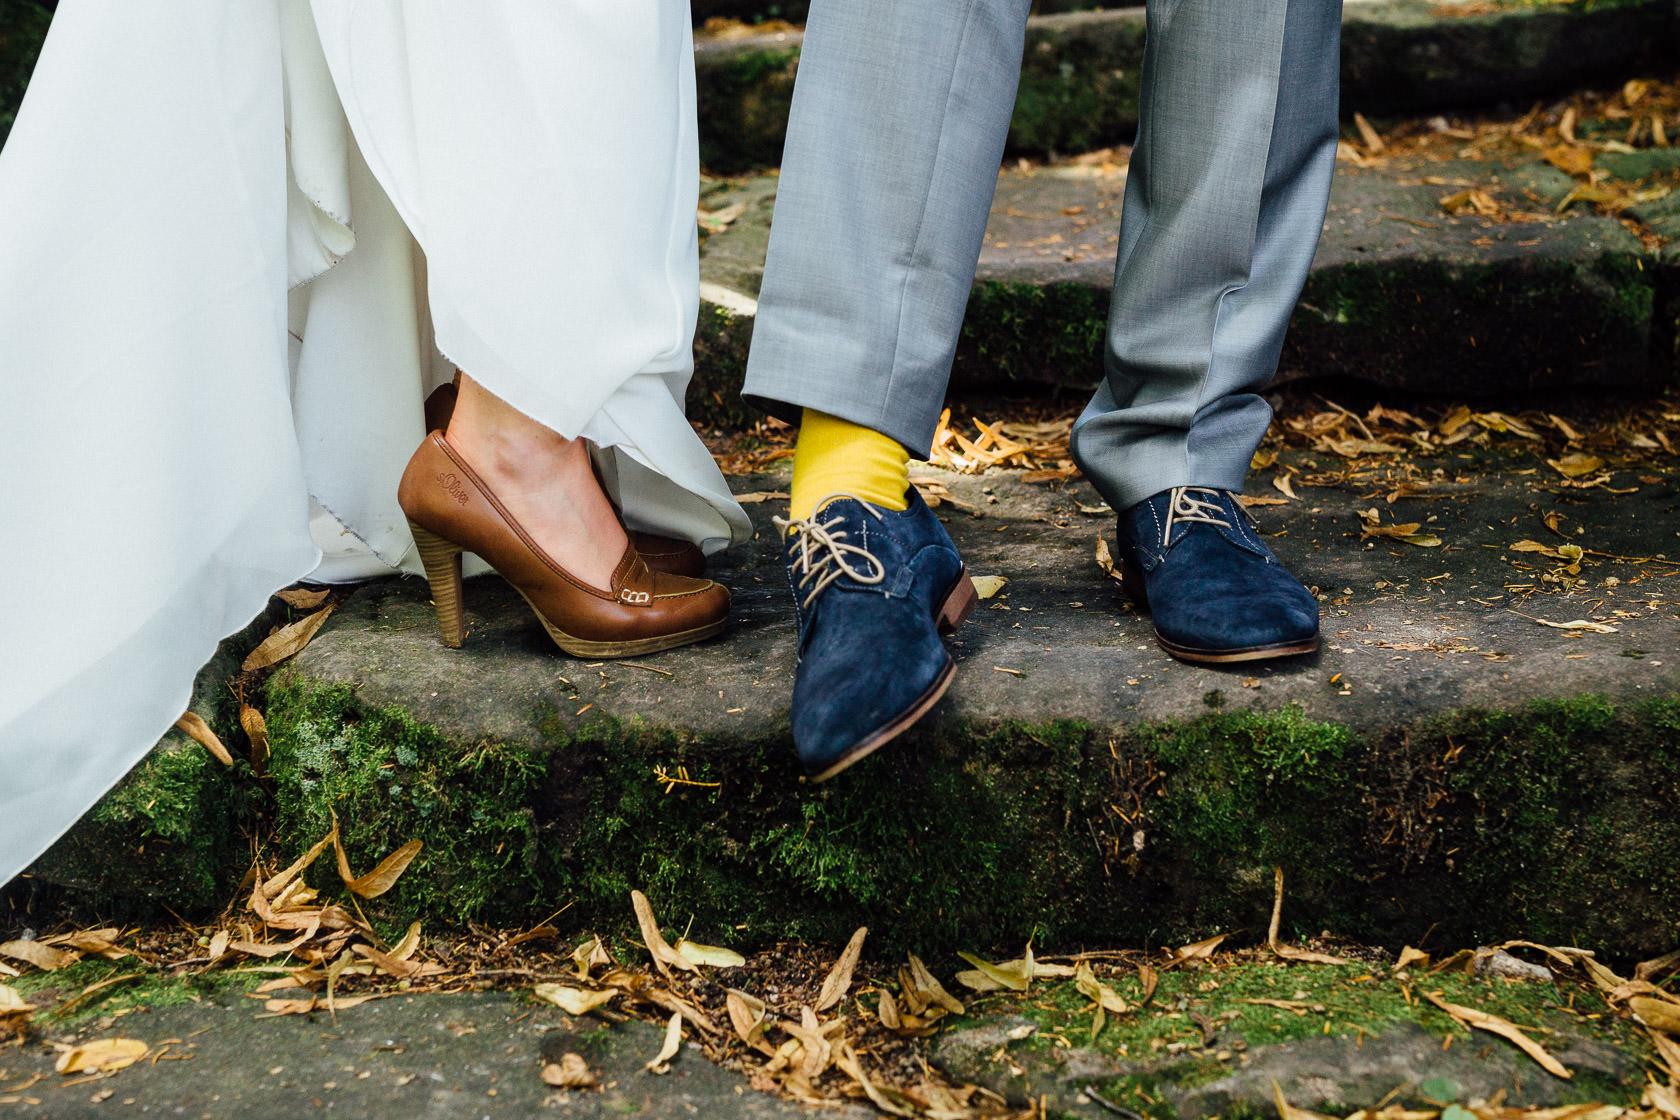 Freie Trauung Jenny und Mathias im Schloss Schwetzingen Brautpaarfotos Paarfotos Paarportraits Schlossgarten Schwetzingen Brautstrauss Details Kreative Hochzeitsfotos